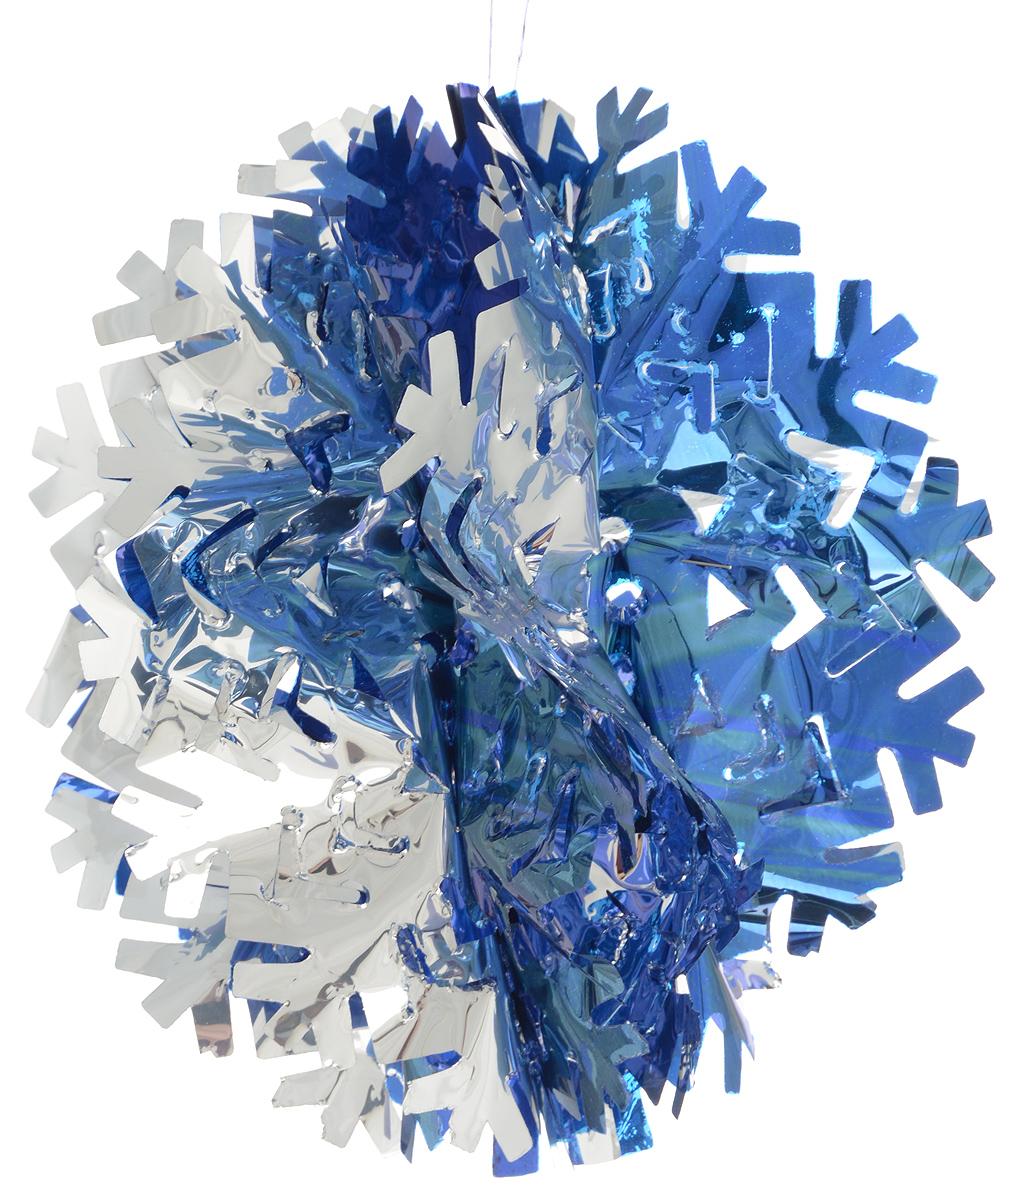 Гирлянда новогодняя Magic Time Снежинка объемная цветная, 20 х 10 см42517Новогодняя гирлянда Magic Time Снежинка объемная цветная прекрасно подойдет для декора дома и праздничной елки. Украшение выполнено из ПЭТ. С помощью специальной петельки гирлянду можно повесить в любом понравившемся вам месте. Легко складывается и раскладывается.Новогодние украшения несут в себе волшебство и красоту праздника. Они помогут вам украсить дом к предстоящим праздникам и оживить интерьер по вашему вкусу. Создайте в доме атмосферу тепла, веселья и радости, украшая его всей семьей.